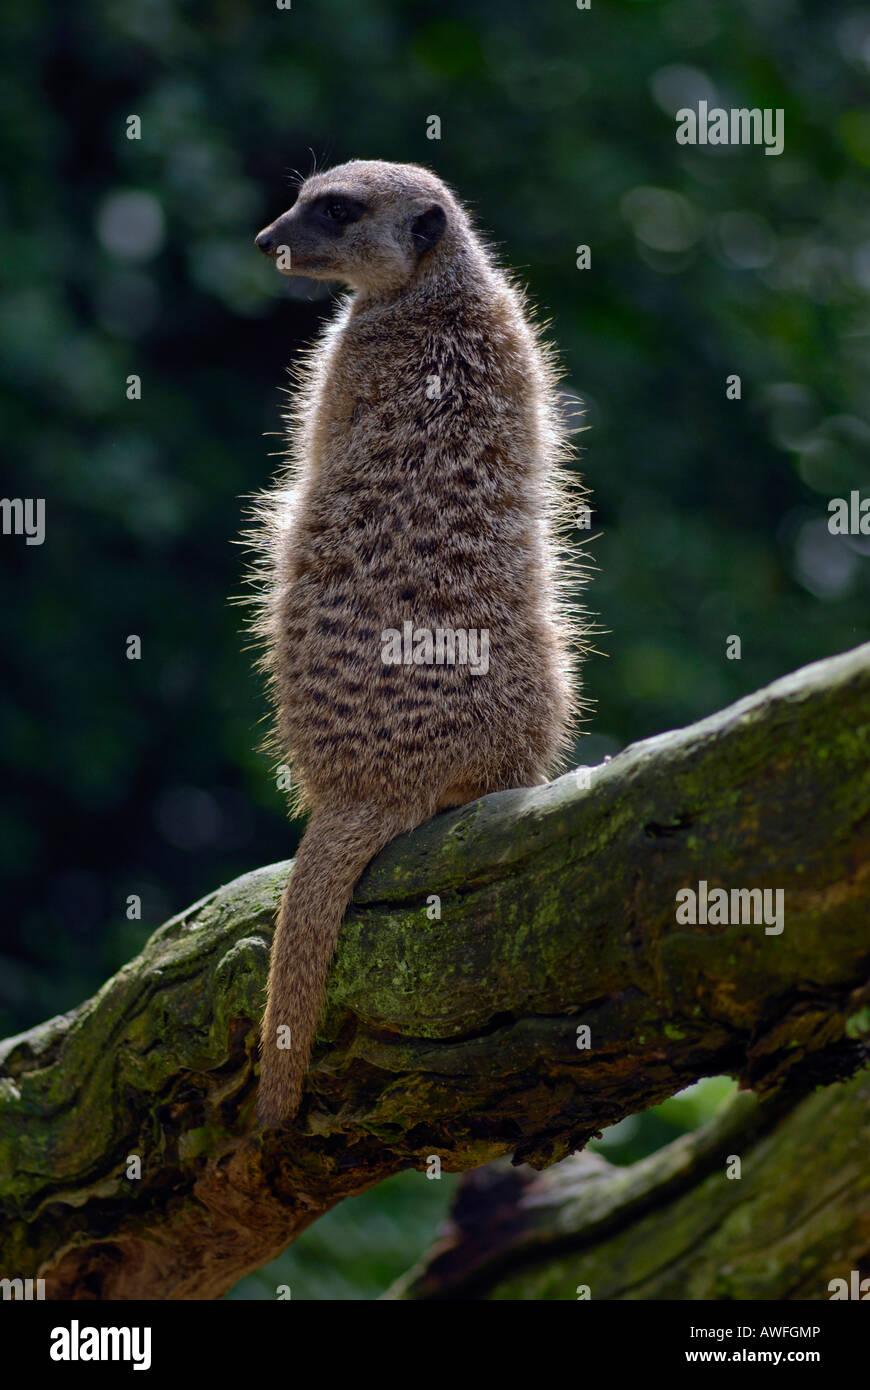 Erdmännchen oder Suricate (Suricata Suricatta) auf einem Ast, Hintergrundbeleuchtung Stockbild